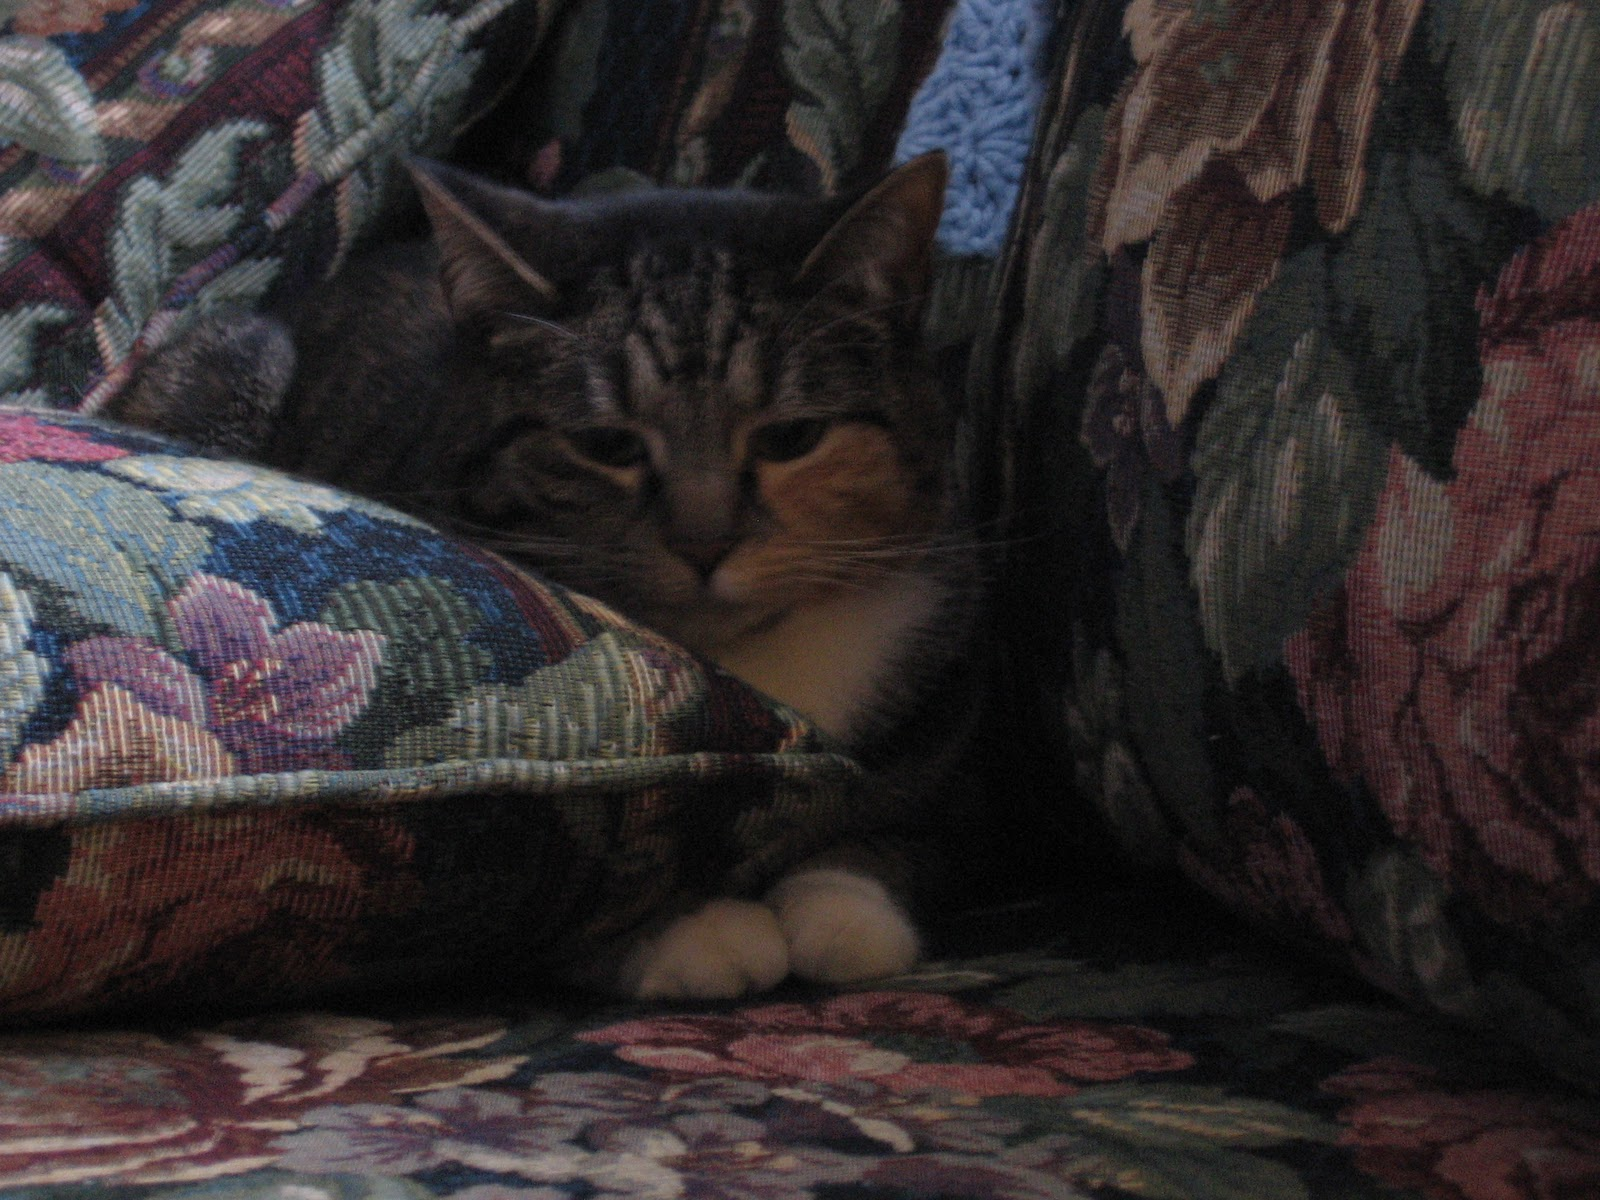 http://2.bp.blogspot.com/_M0tISDkTWTw/TUyYW8OBNFI/AAAAAAAAAVU/SxvYxbvs3gs/s1600/bunny+on+couch.JPG